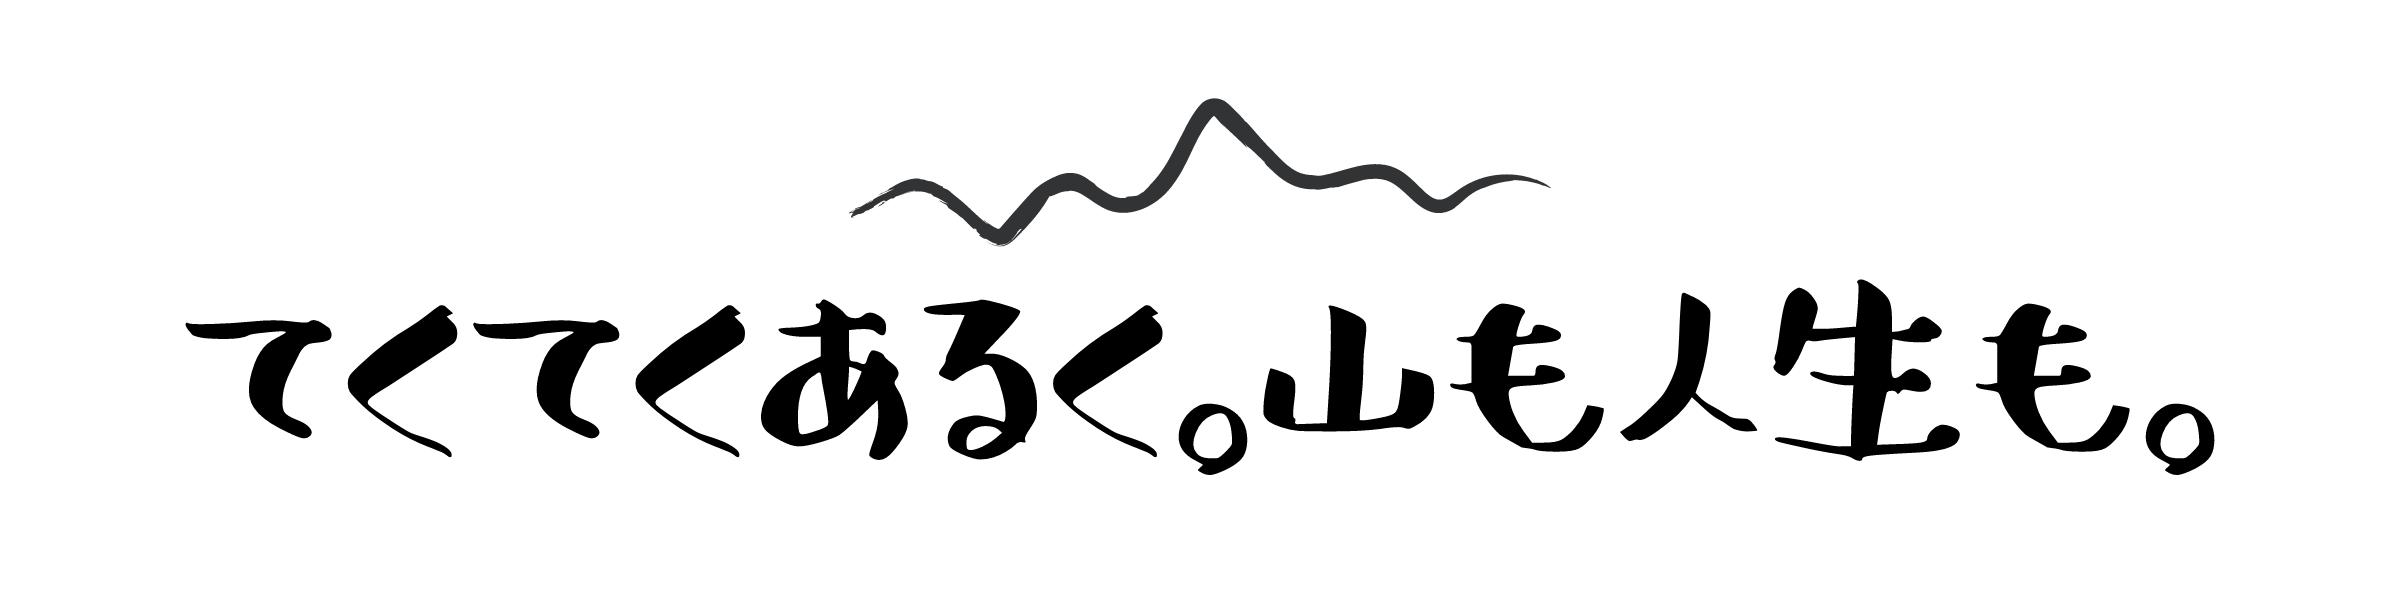 てくてくあるく。山も人生も。